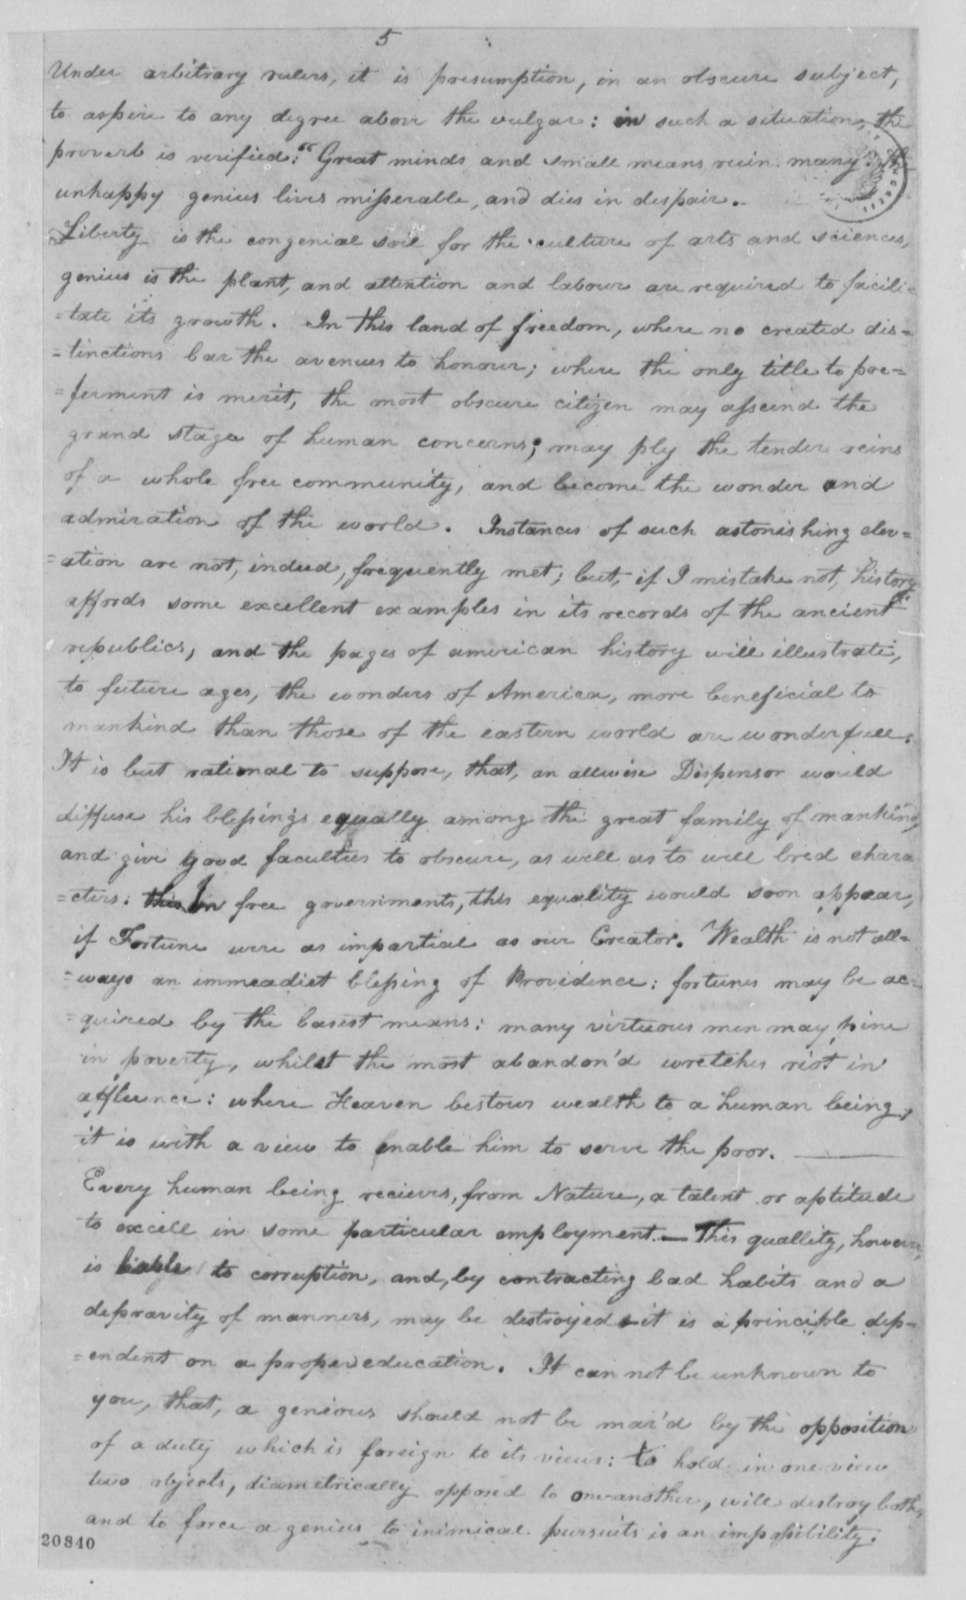 Lewis Mayer to Thomas Jefferson, February 21, 1802